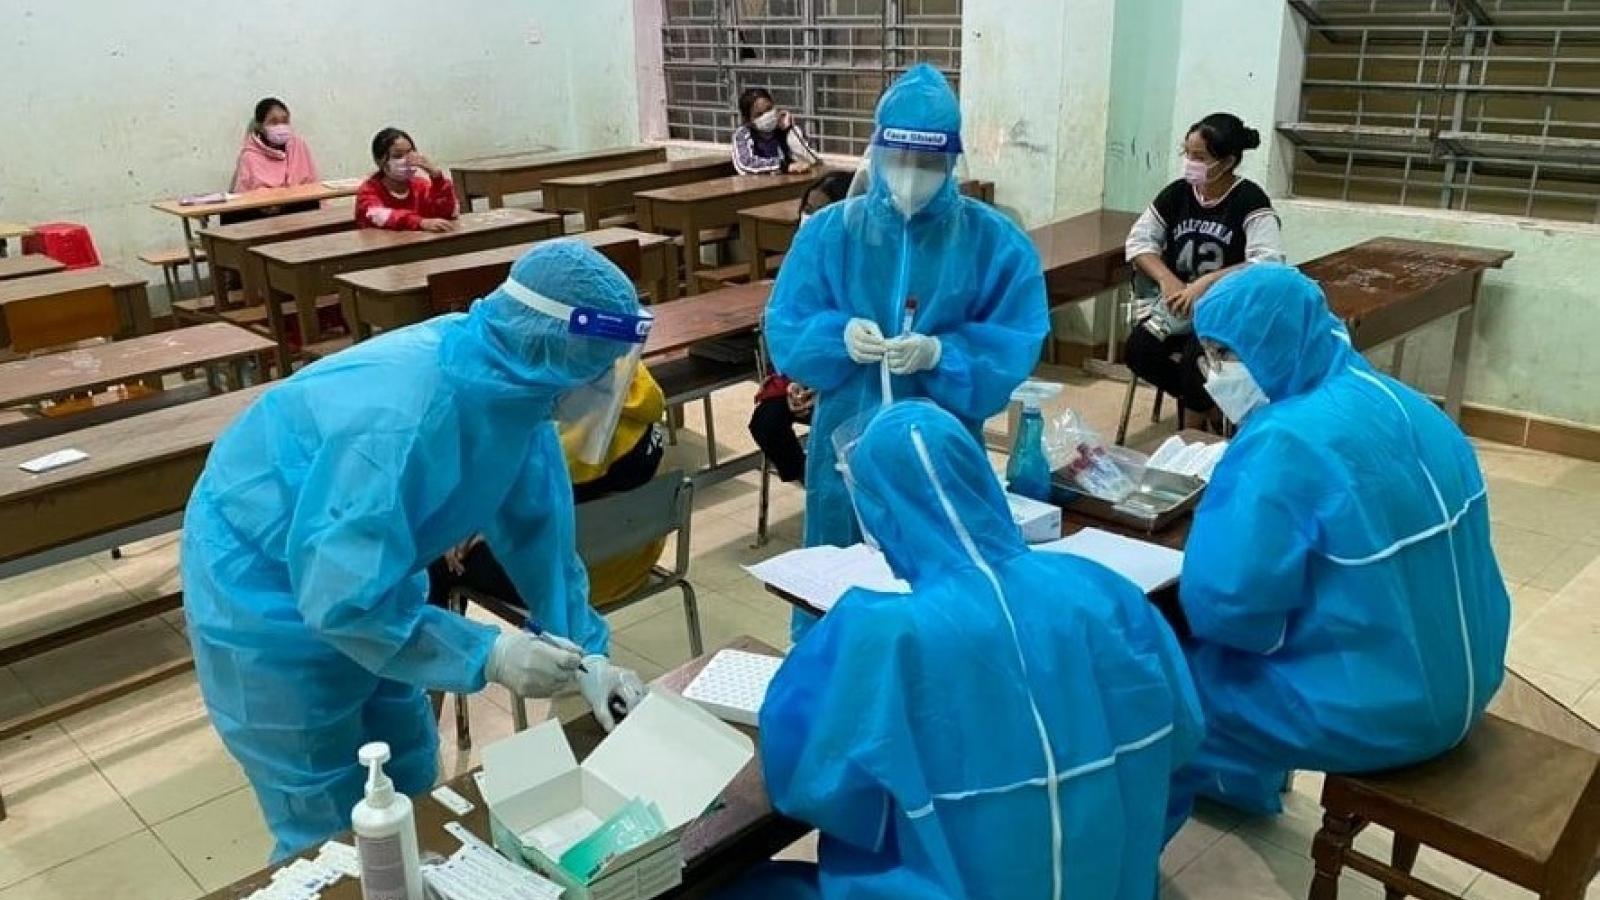 Quảng Nam ghi nhận thêm 12 ca mắc Covid-19 tại 2 huyện miền núi Phước Sơn và Nam Giang